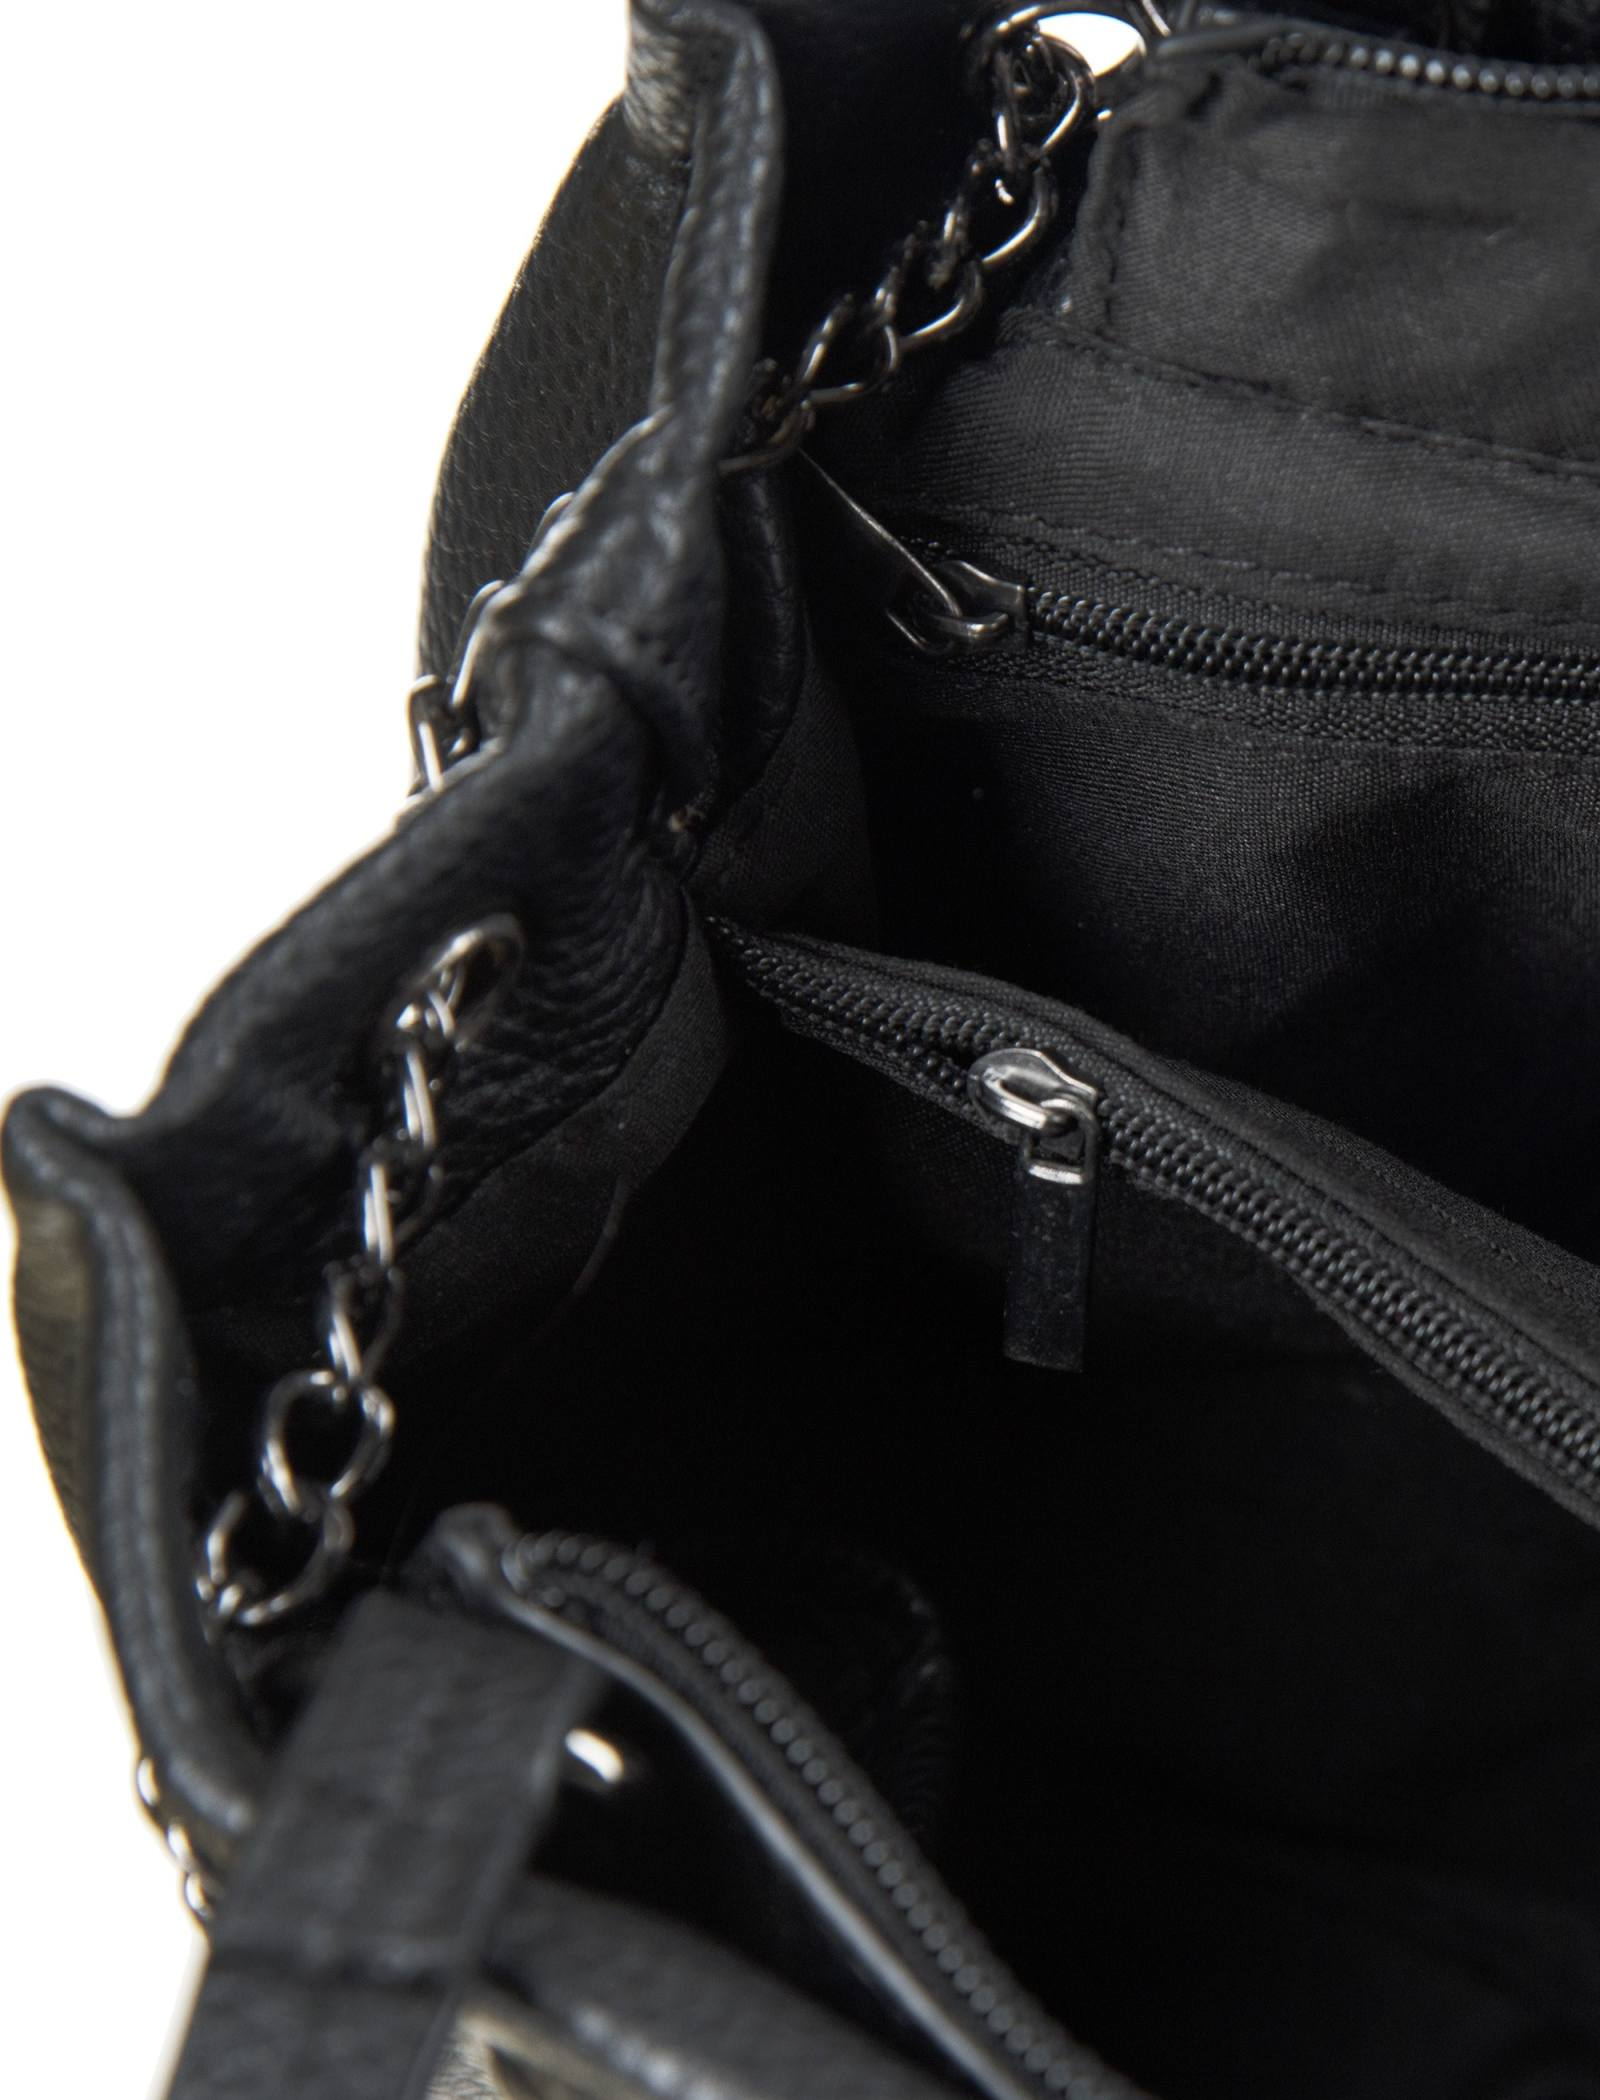 کیف دستی روزمره زنانه - جانی اند جانی تک سایز - مشکي - 7